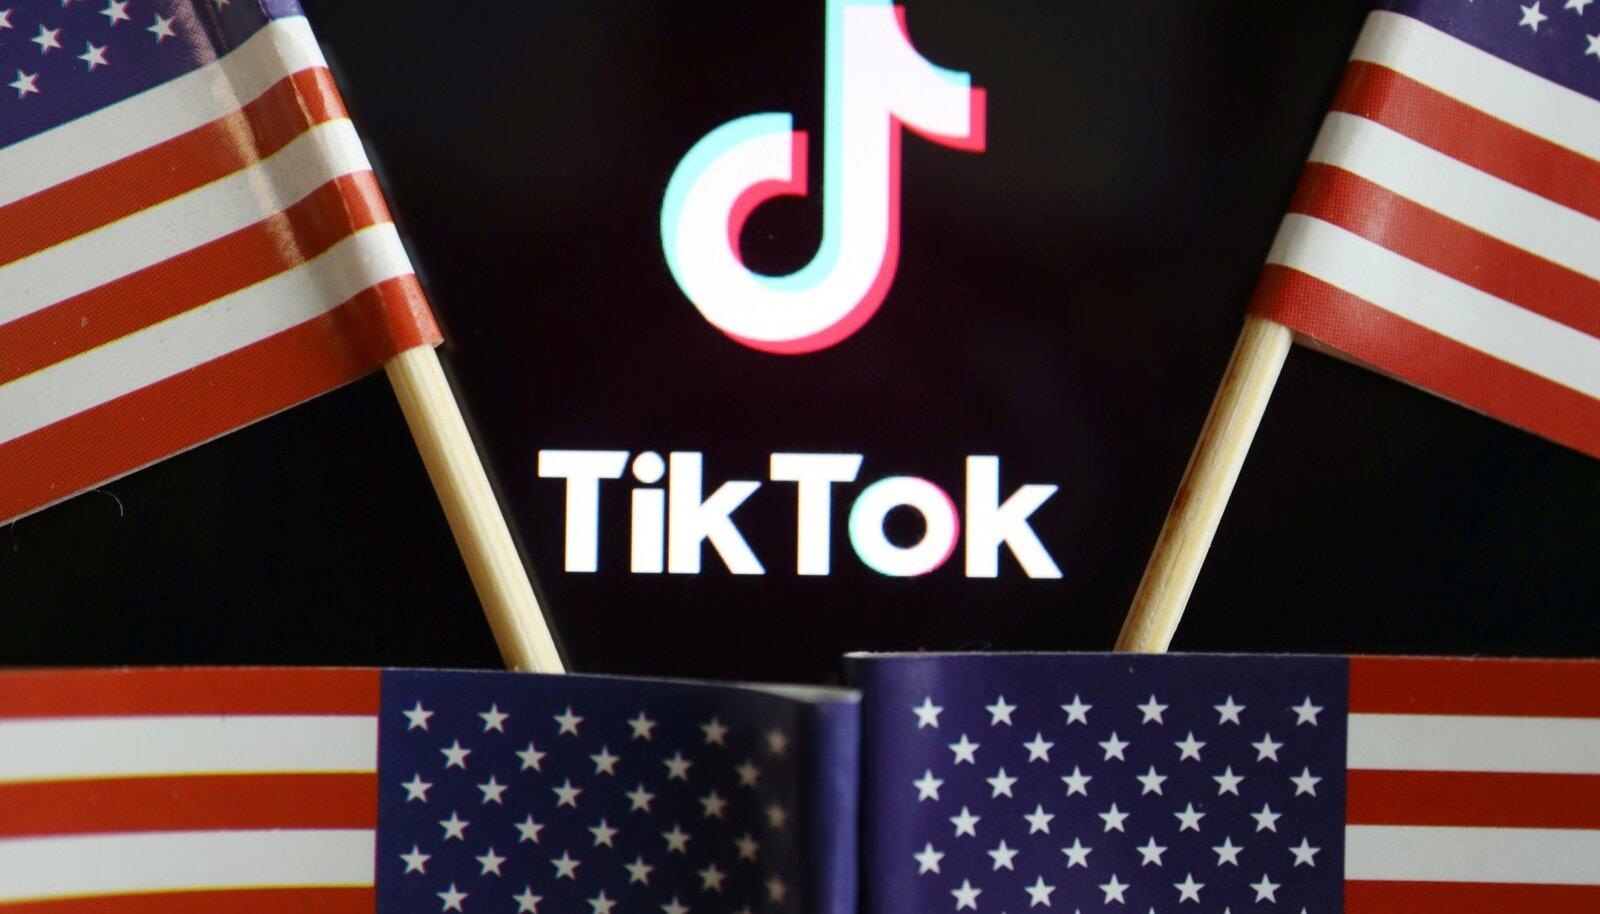 USA suund TikToki keelustamisel on õige. Eestis ja Euroopas keegi TikToki keelama ei hakka, aga soovitus on kaks korda järgi mõelda, enne kui see rakendus enda telefoni paigaldada